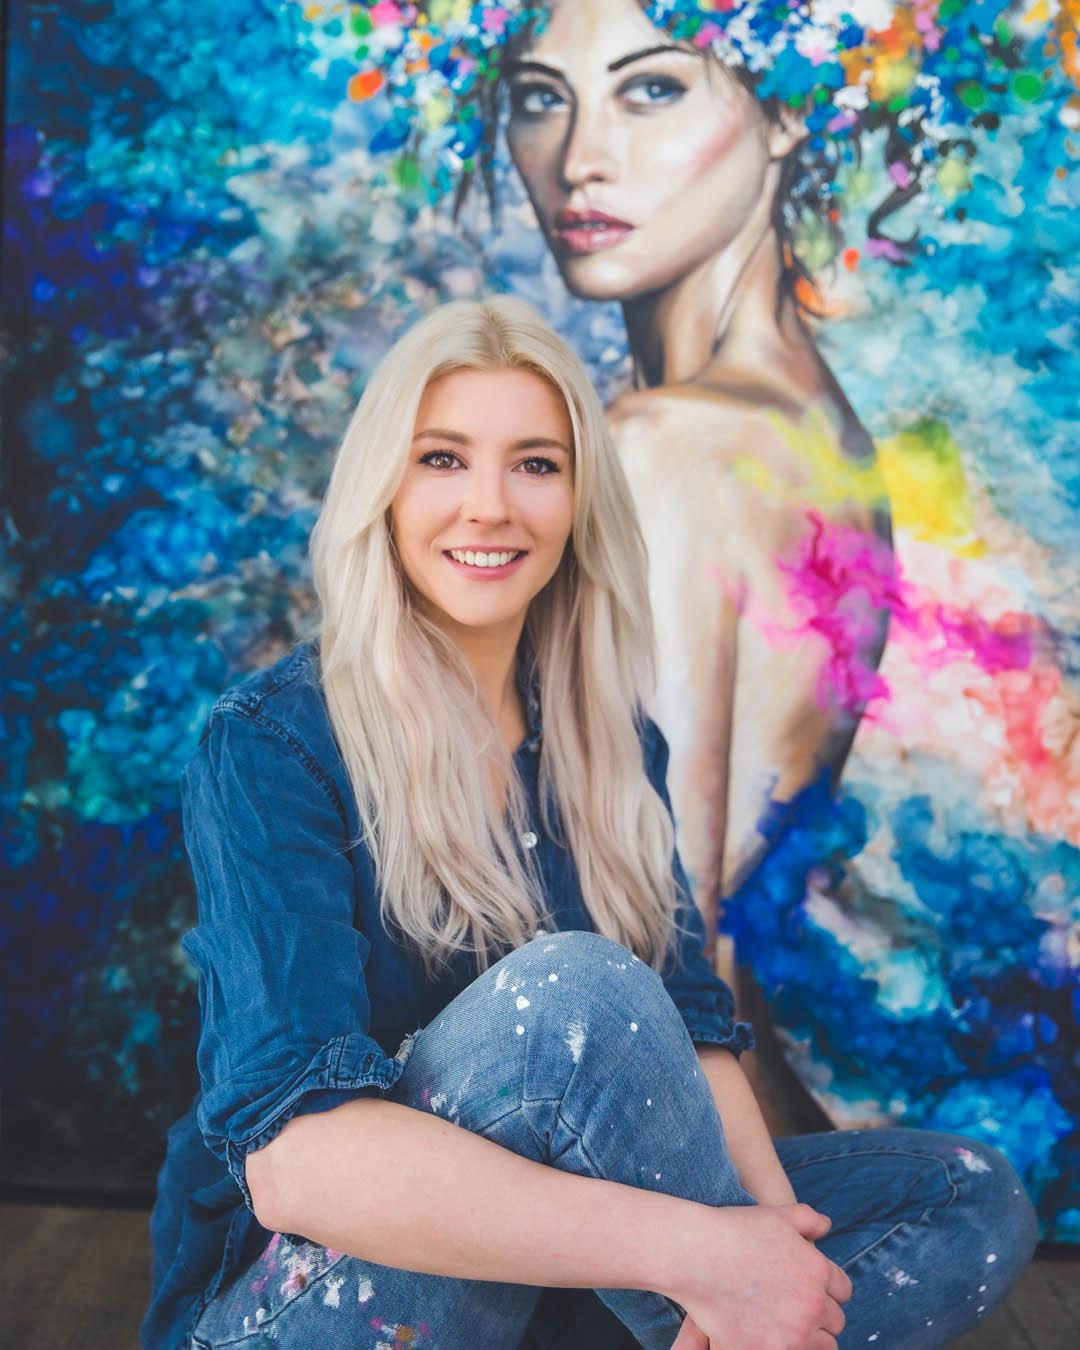 Desiree Delage mal und doziert mit und über Alkoholtinte, Acryl. Aquarell und Zeichnung auf ihrem Blog Krigelkragel. Dort findest du ihr Art Studio Desiree Delage.